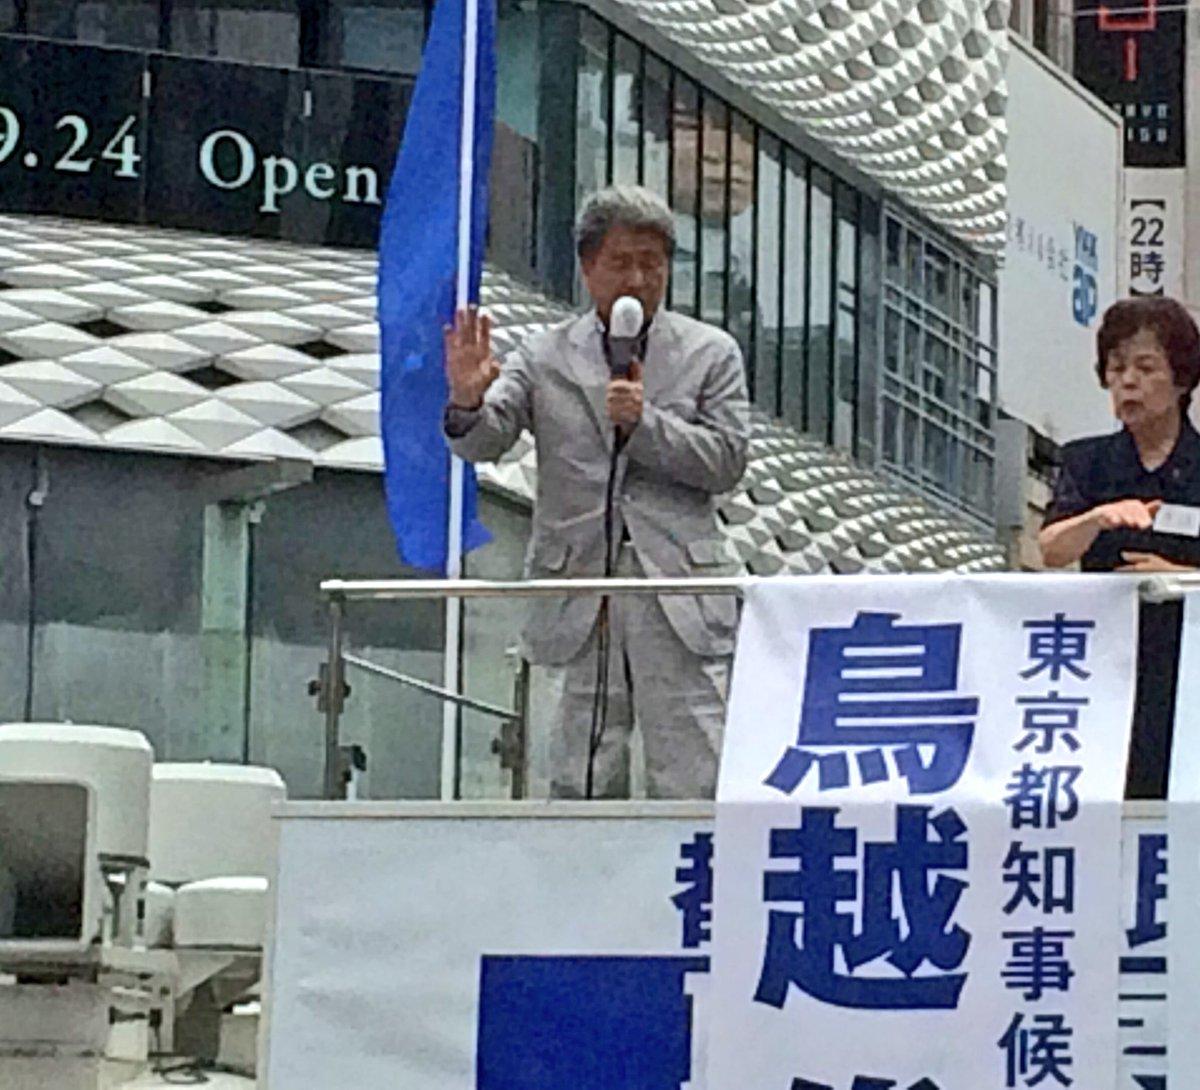 「保育の待機児童、東京都には8,500人ほどの待機児童がいるとされているが、どうせ入れないからとあき…